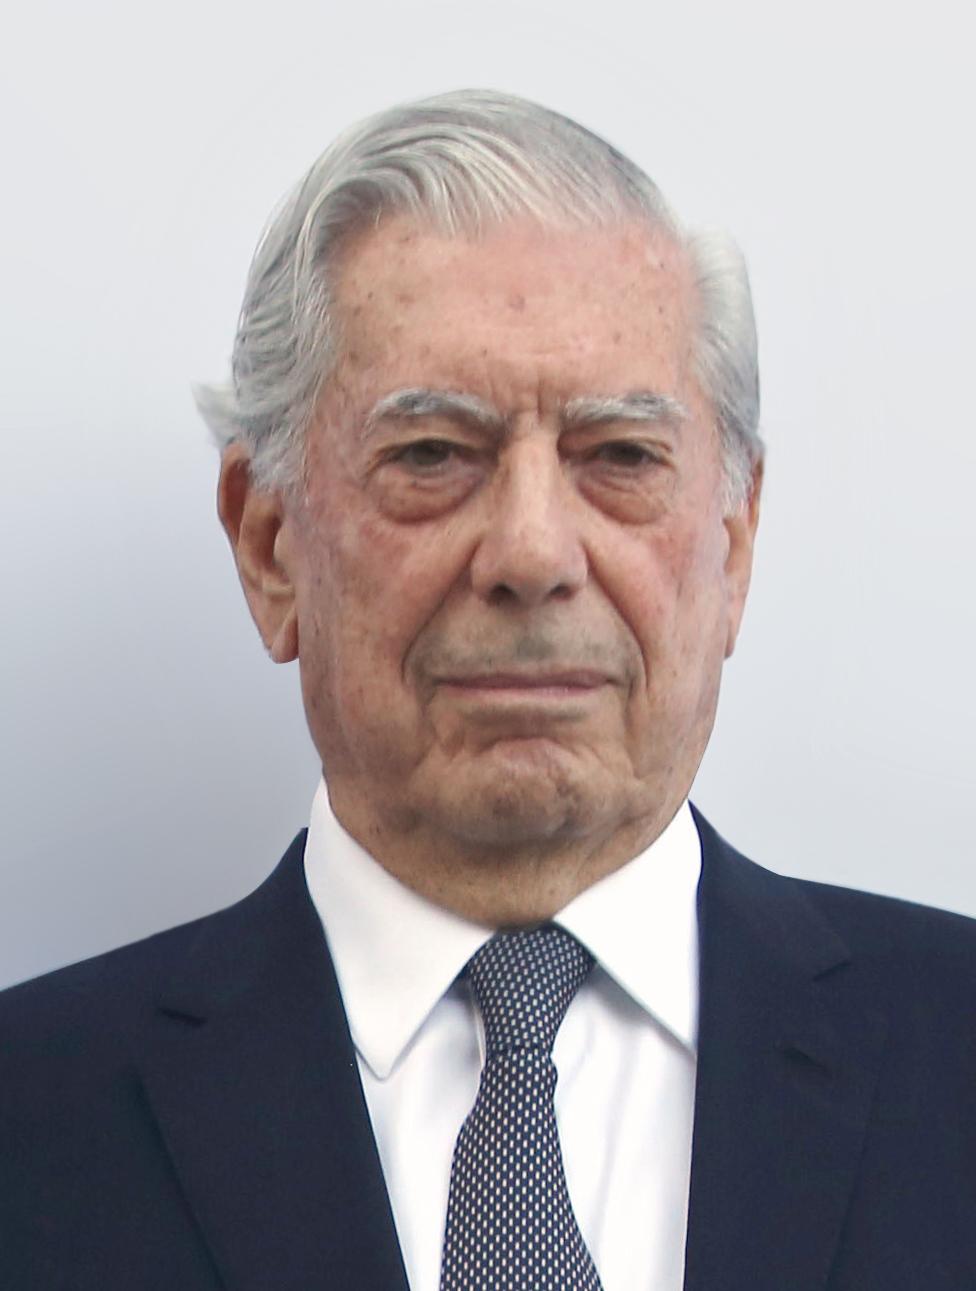 Mario_Vargas_Llosa_(crop_2)